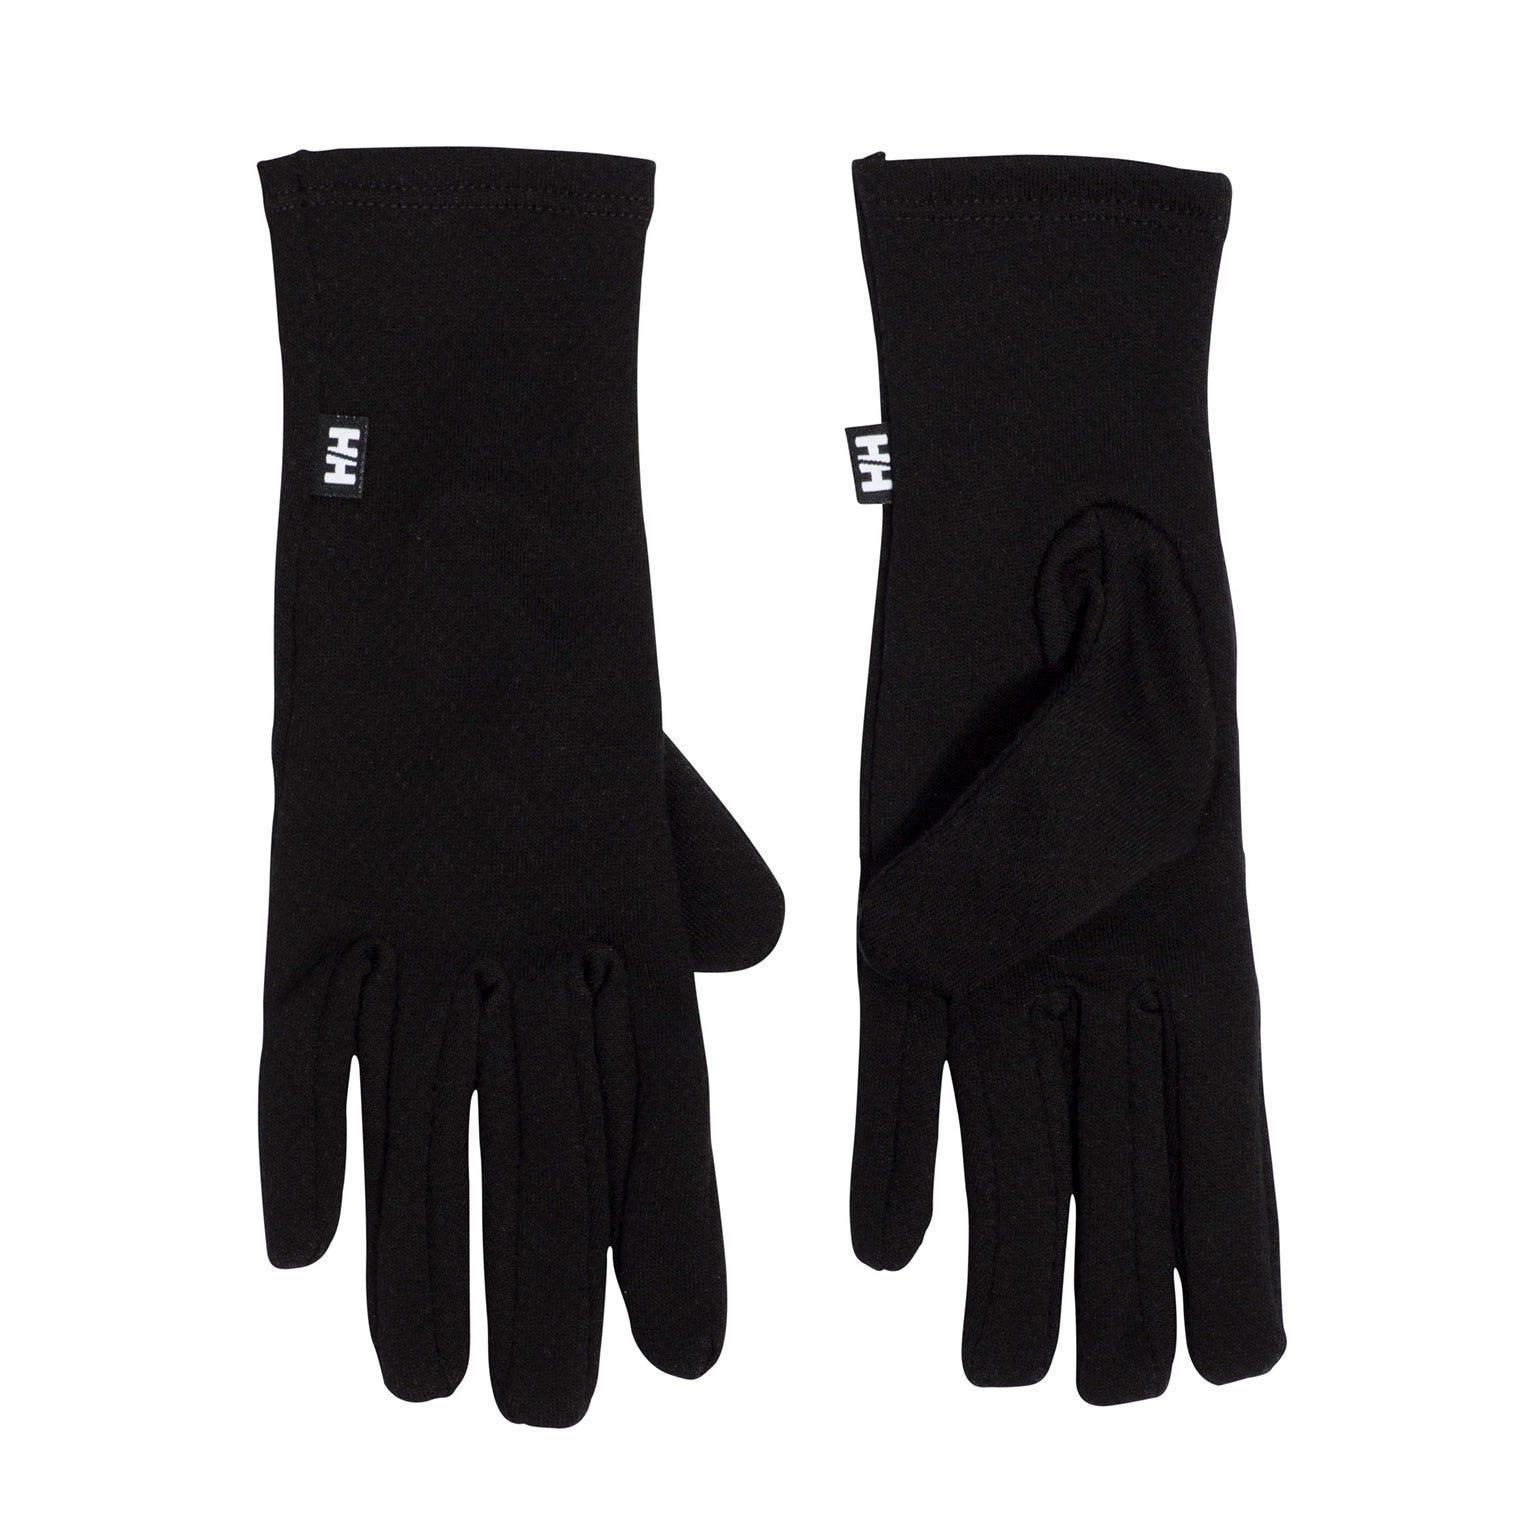 Helly Hansen Warm Glove Liner Baselayer Black S